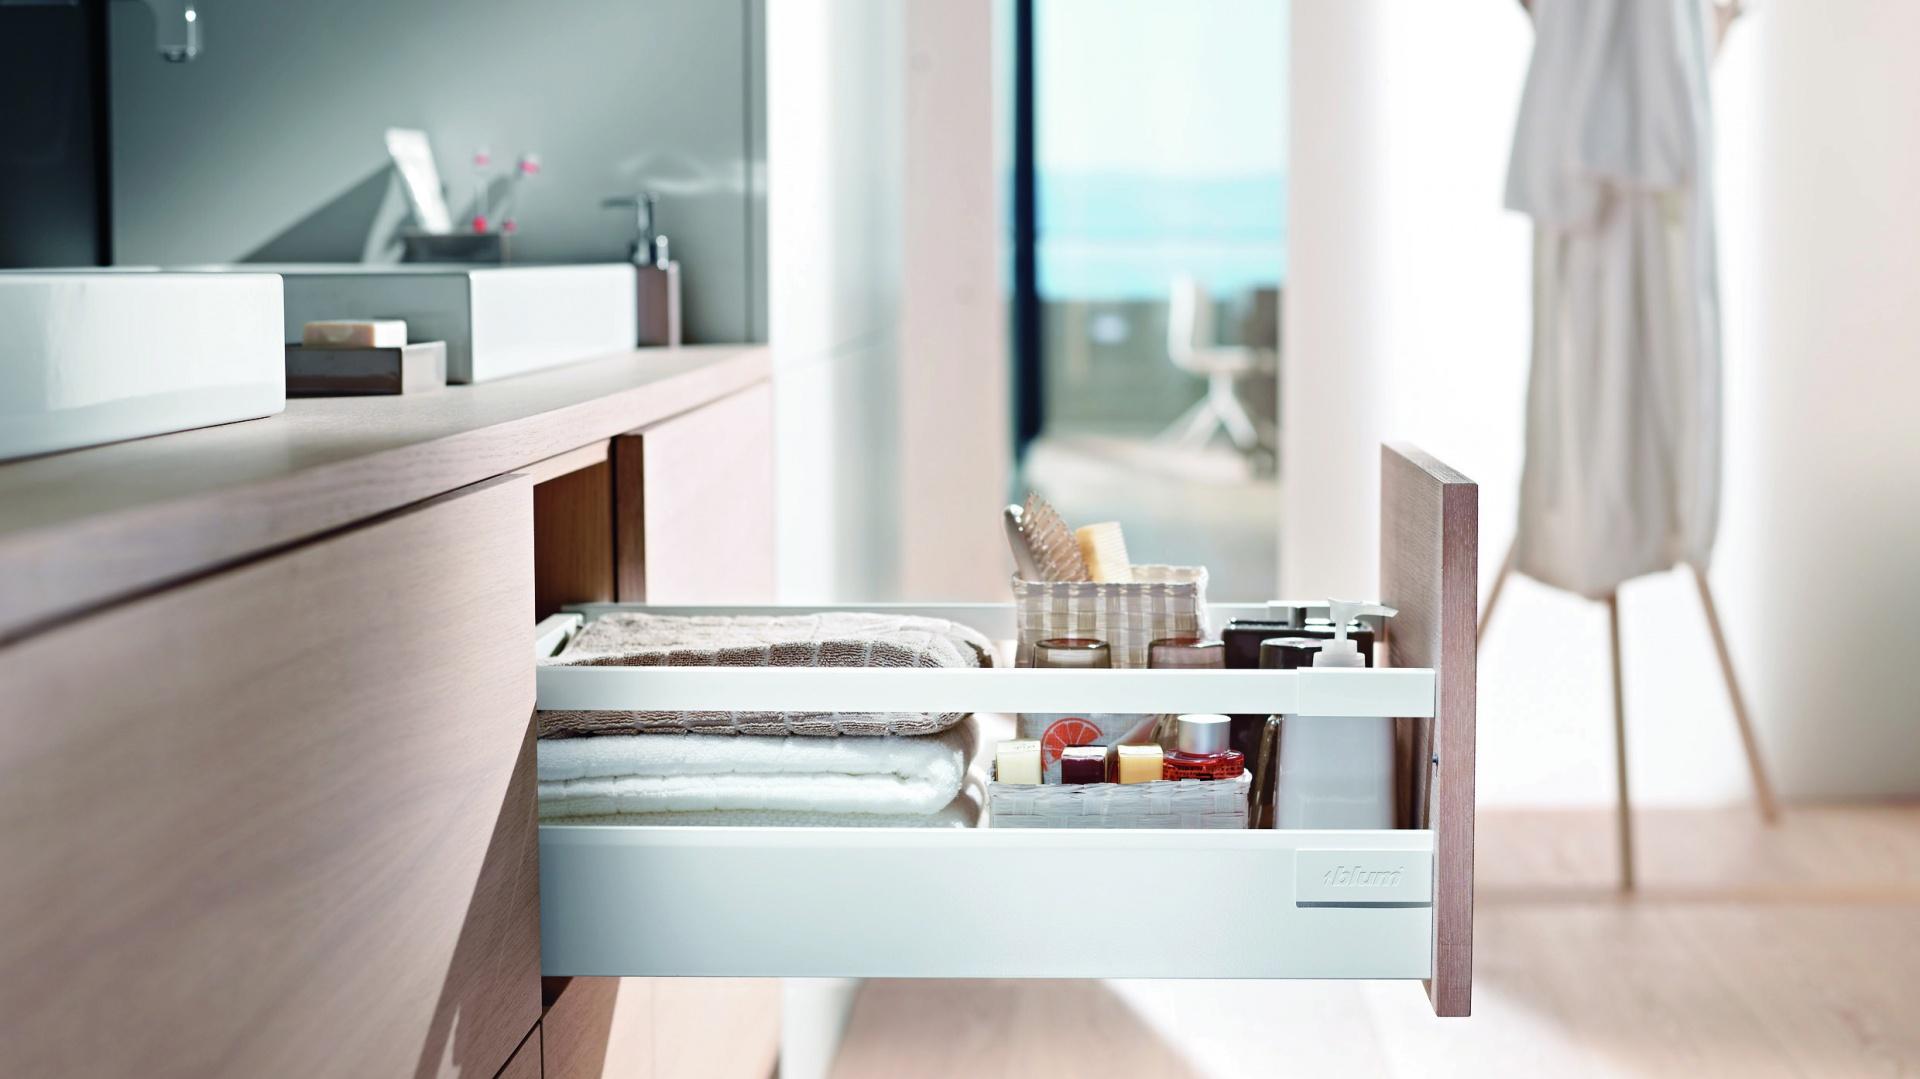 Szuflada Tandembox Antaro firmy Blum ma praktyczny reling, który pomaga przechowywać także wysokie opakowania i utrzymuje zawartość w miejscu. Fot. Blum.